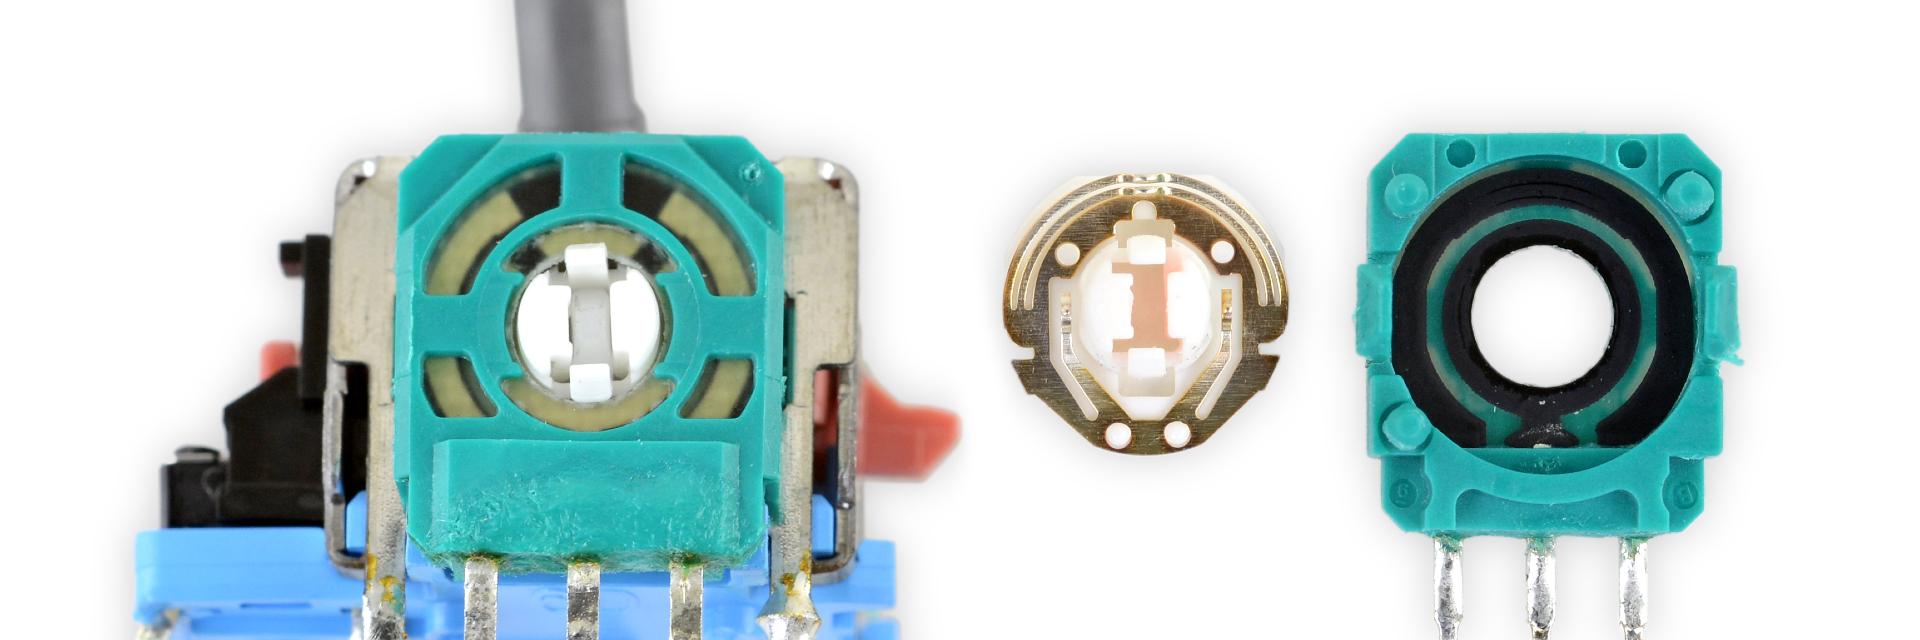 Pourquoi les joysticks de la PS5 driftent – sans perspective d'amélioration